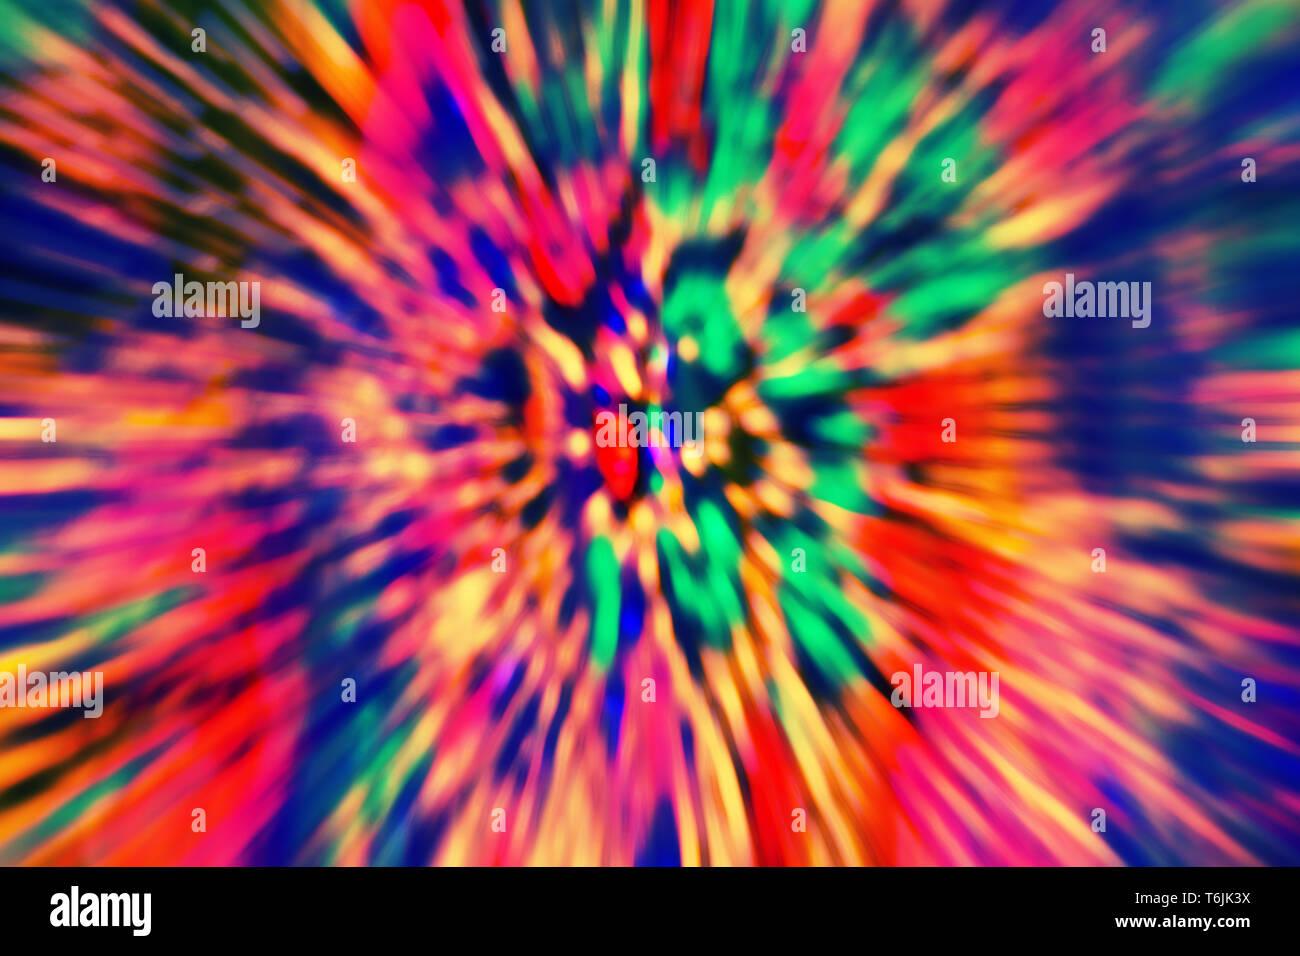 Imagen de fondo abstracto multicolor psicodélico de desenfoque de movimiento. Foto de stock